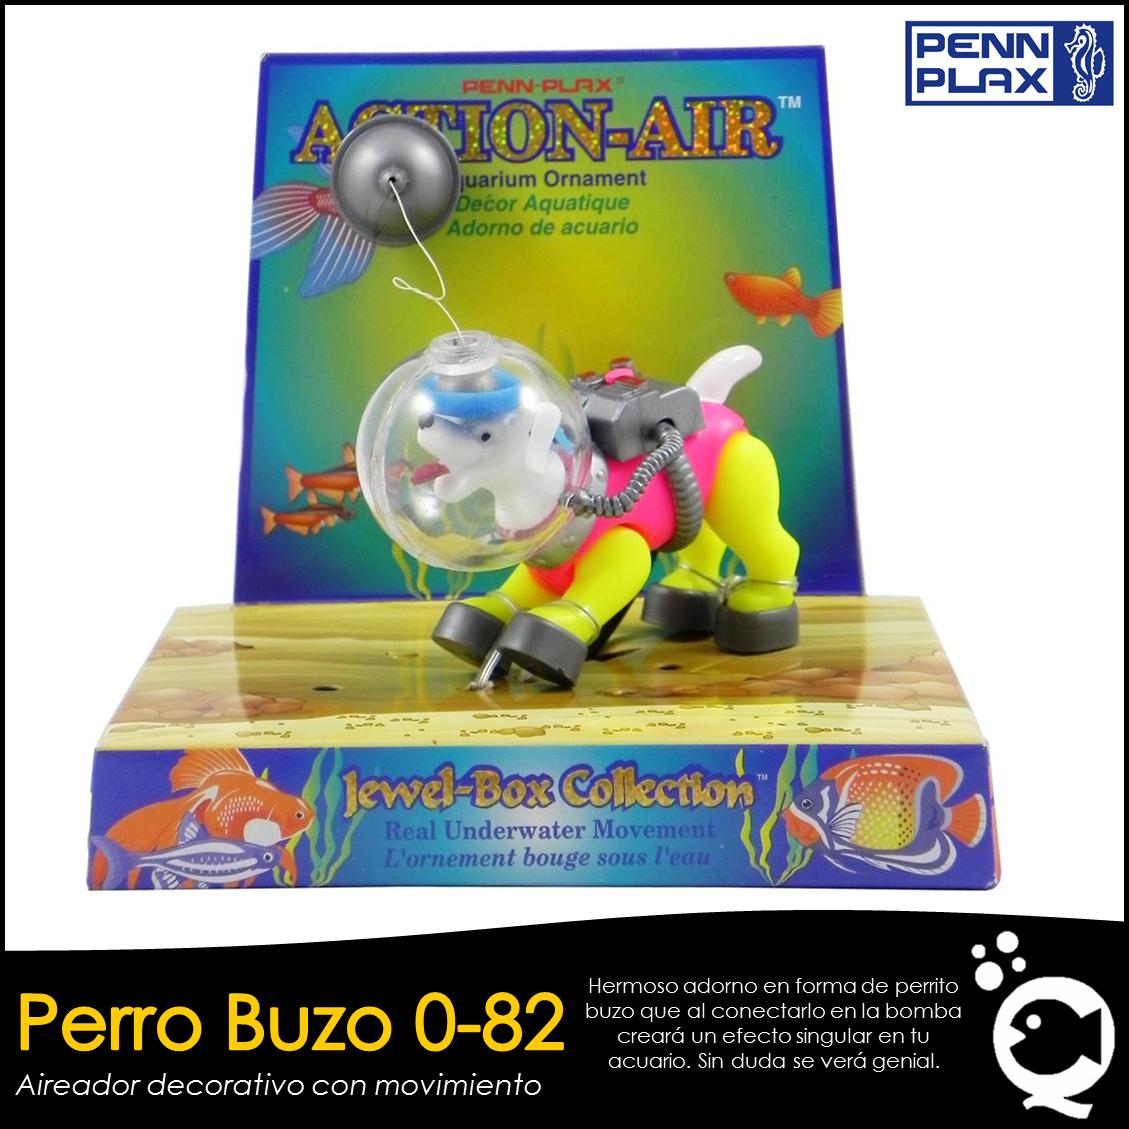 Perro Buzo 0-80 Penn Plax. De venta en Aquatic Shop Acuario.